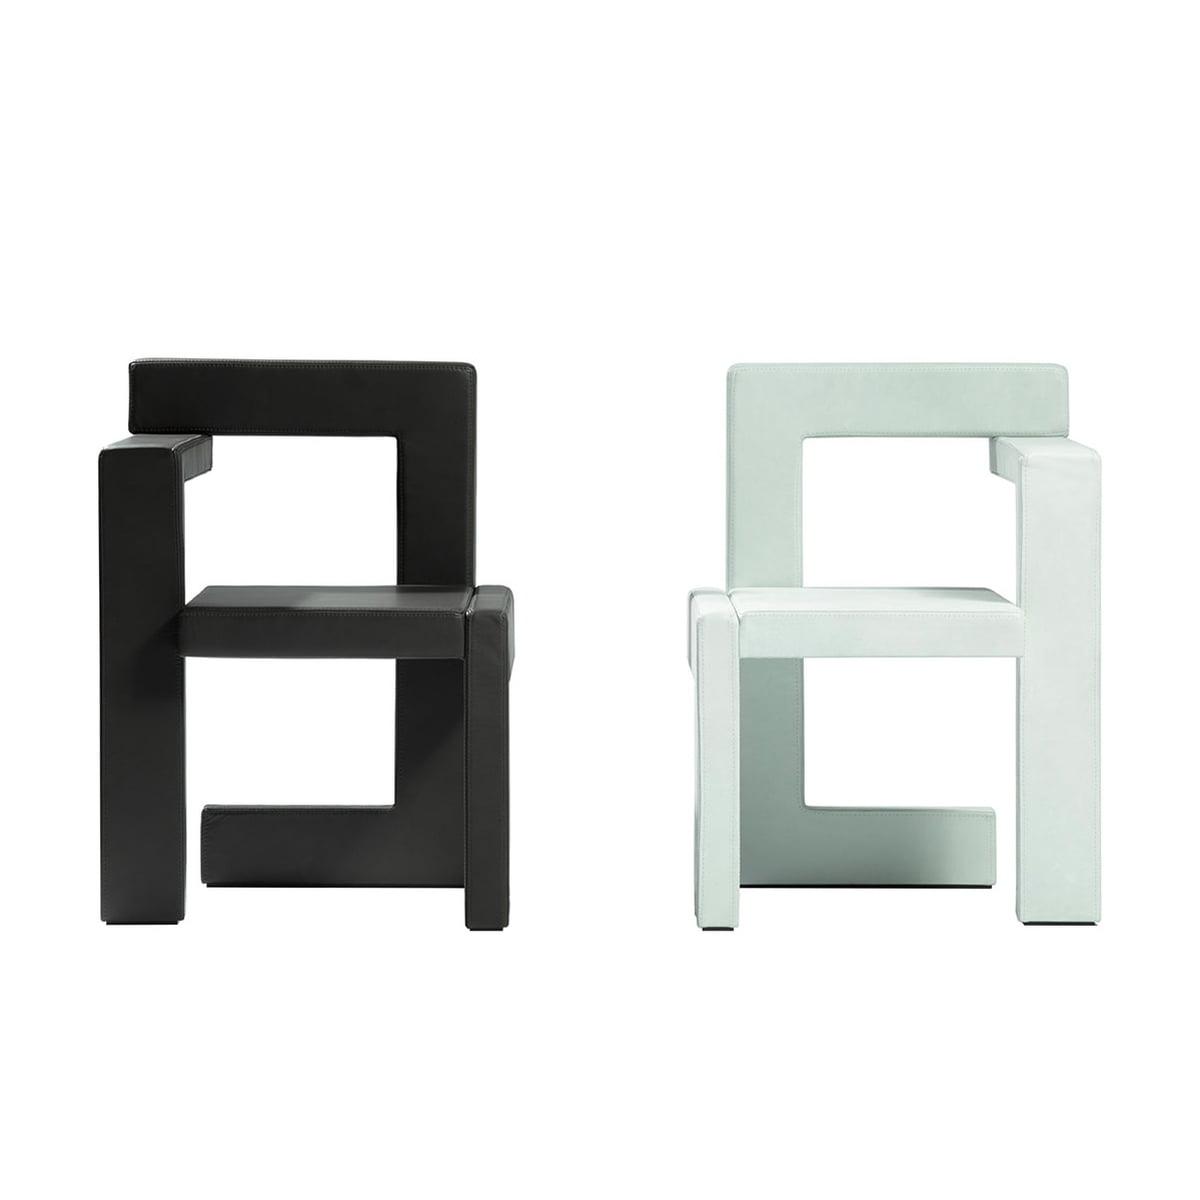 chaise steltman par spectrum connox shop. Black Bedroom Furniture Sets. Home Design Ideas